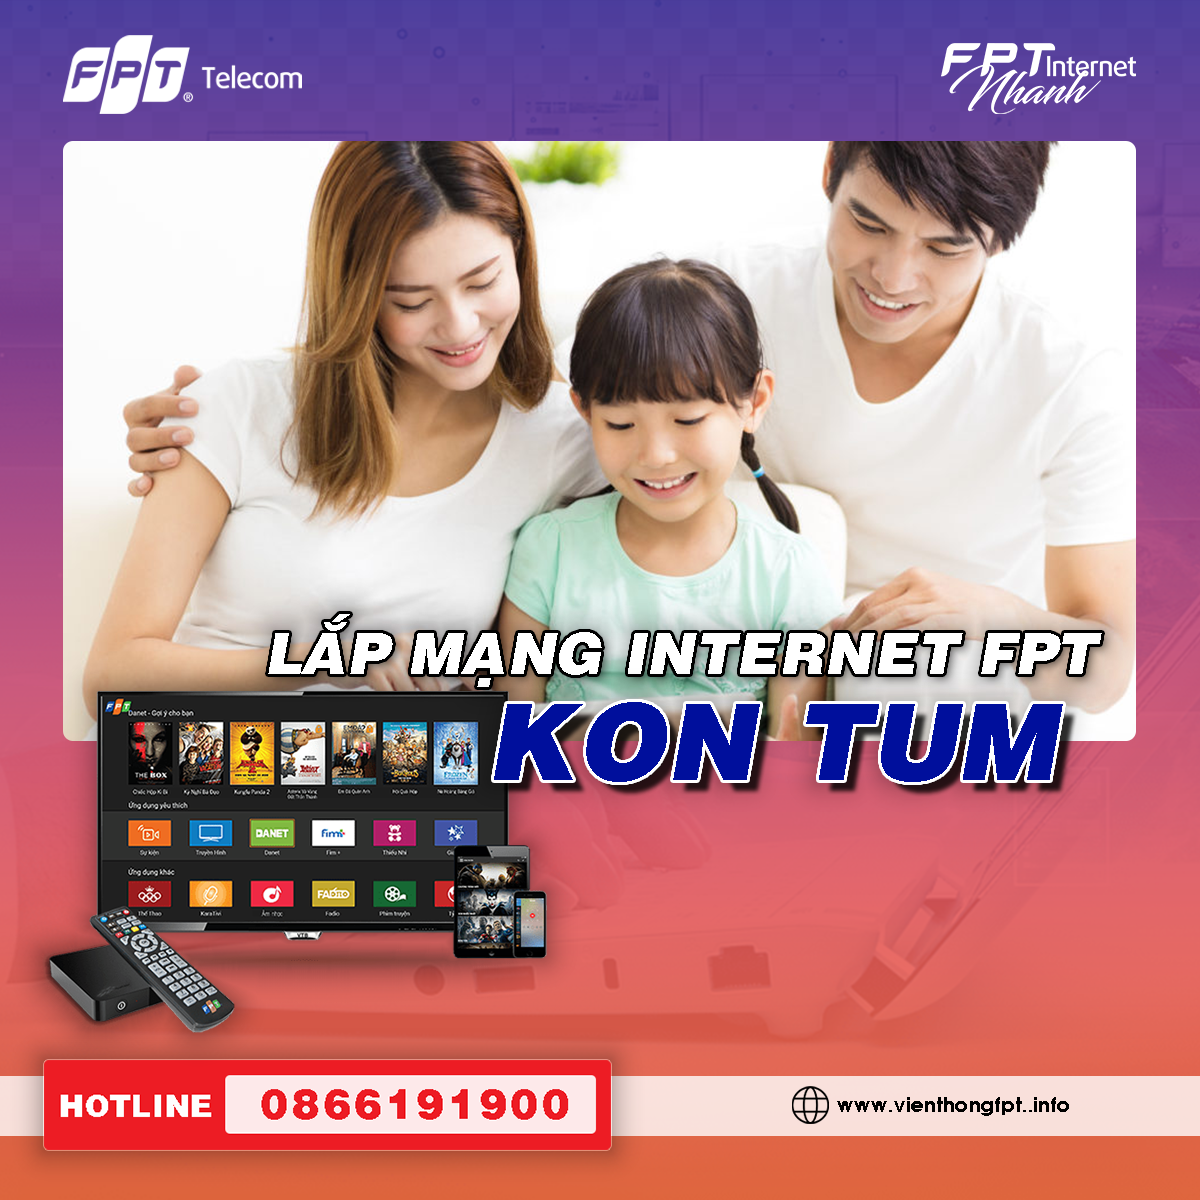 Đăng ký Internet FPT tại Kon Tum - Miễn phí lắp đặt - Trang bị Modem Wifi